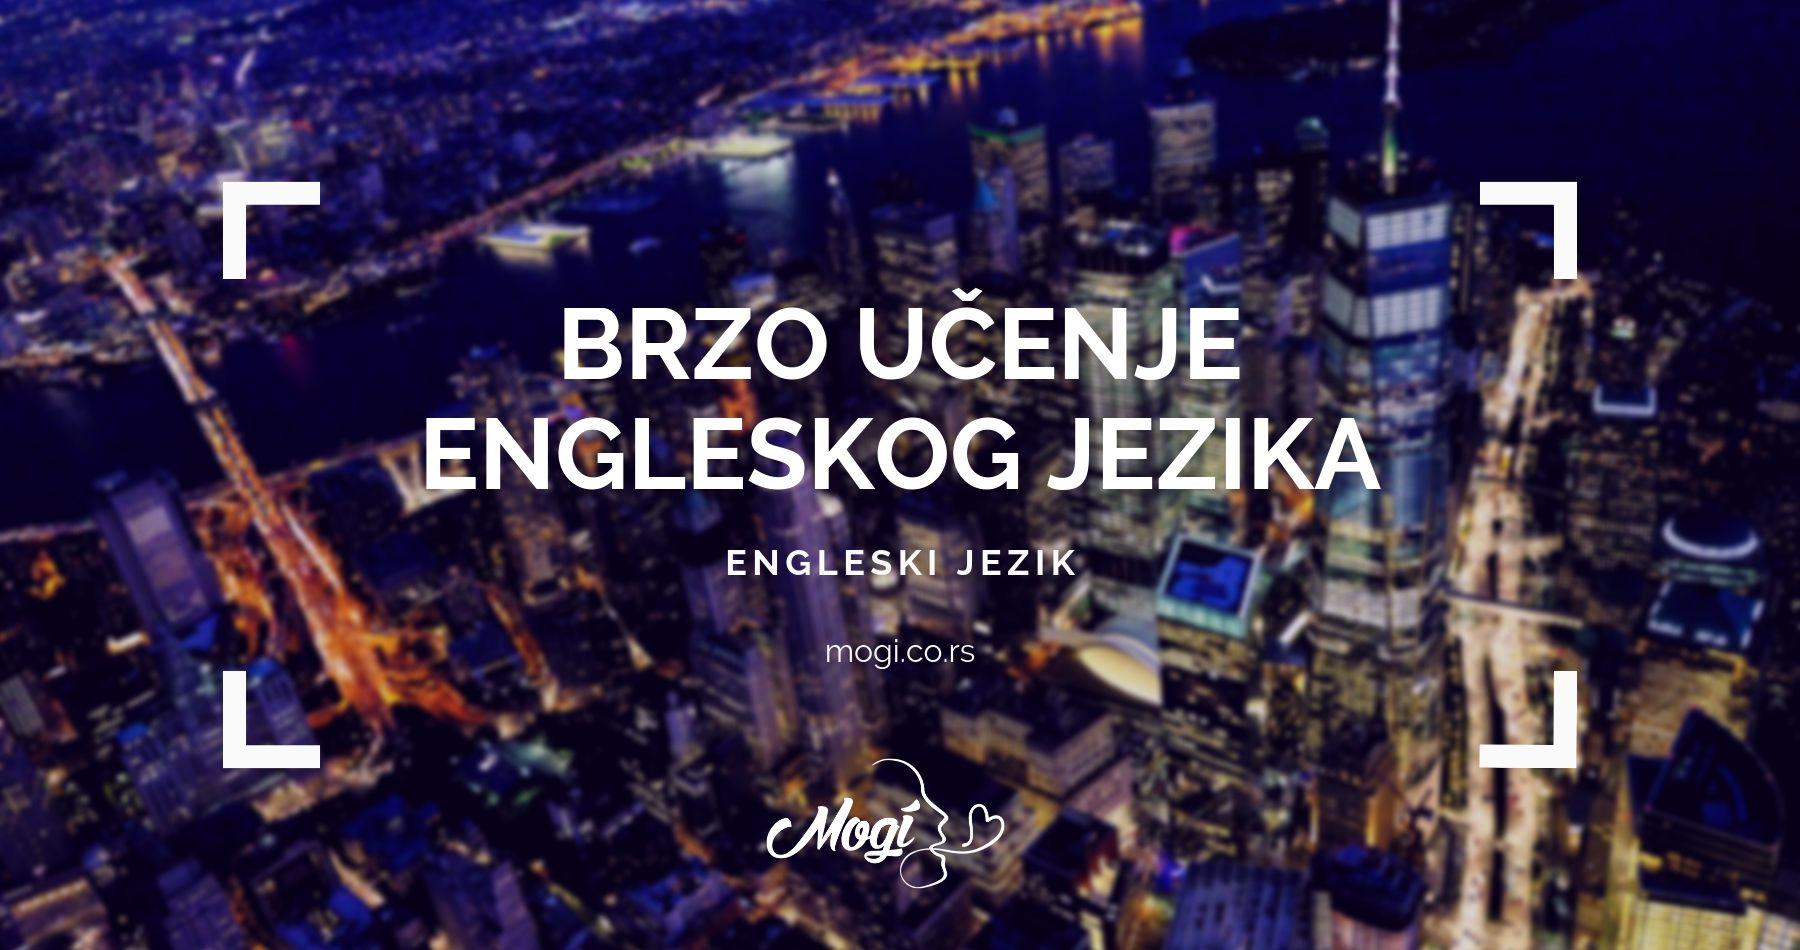 U školi jezike Mogi pomoći ćemo vam da brzo savladate engleski jezik